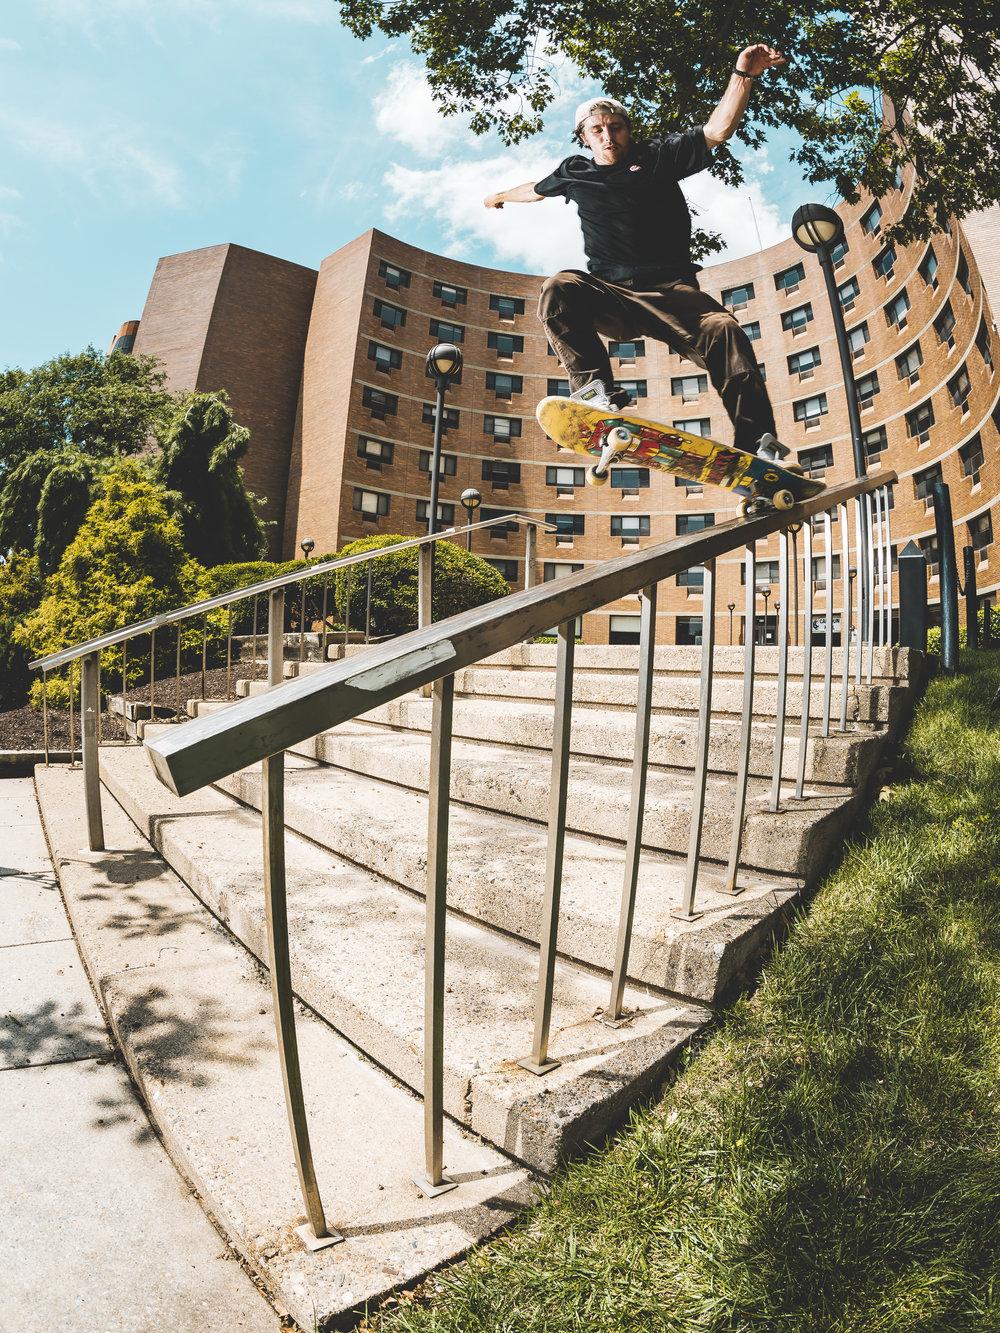 Skateboarding-100.jpg